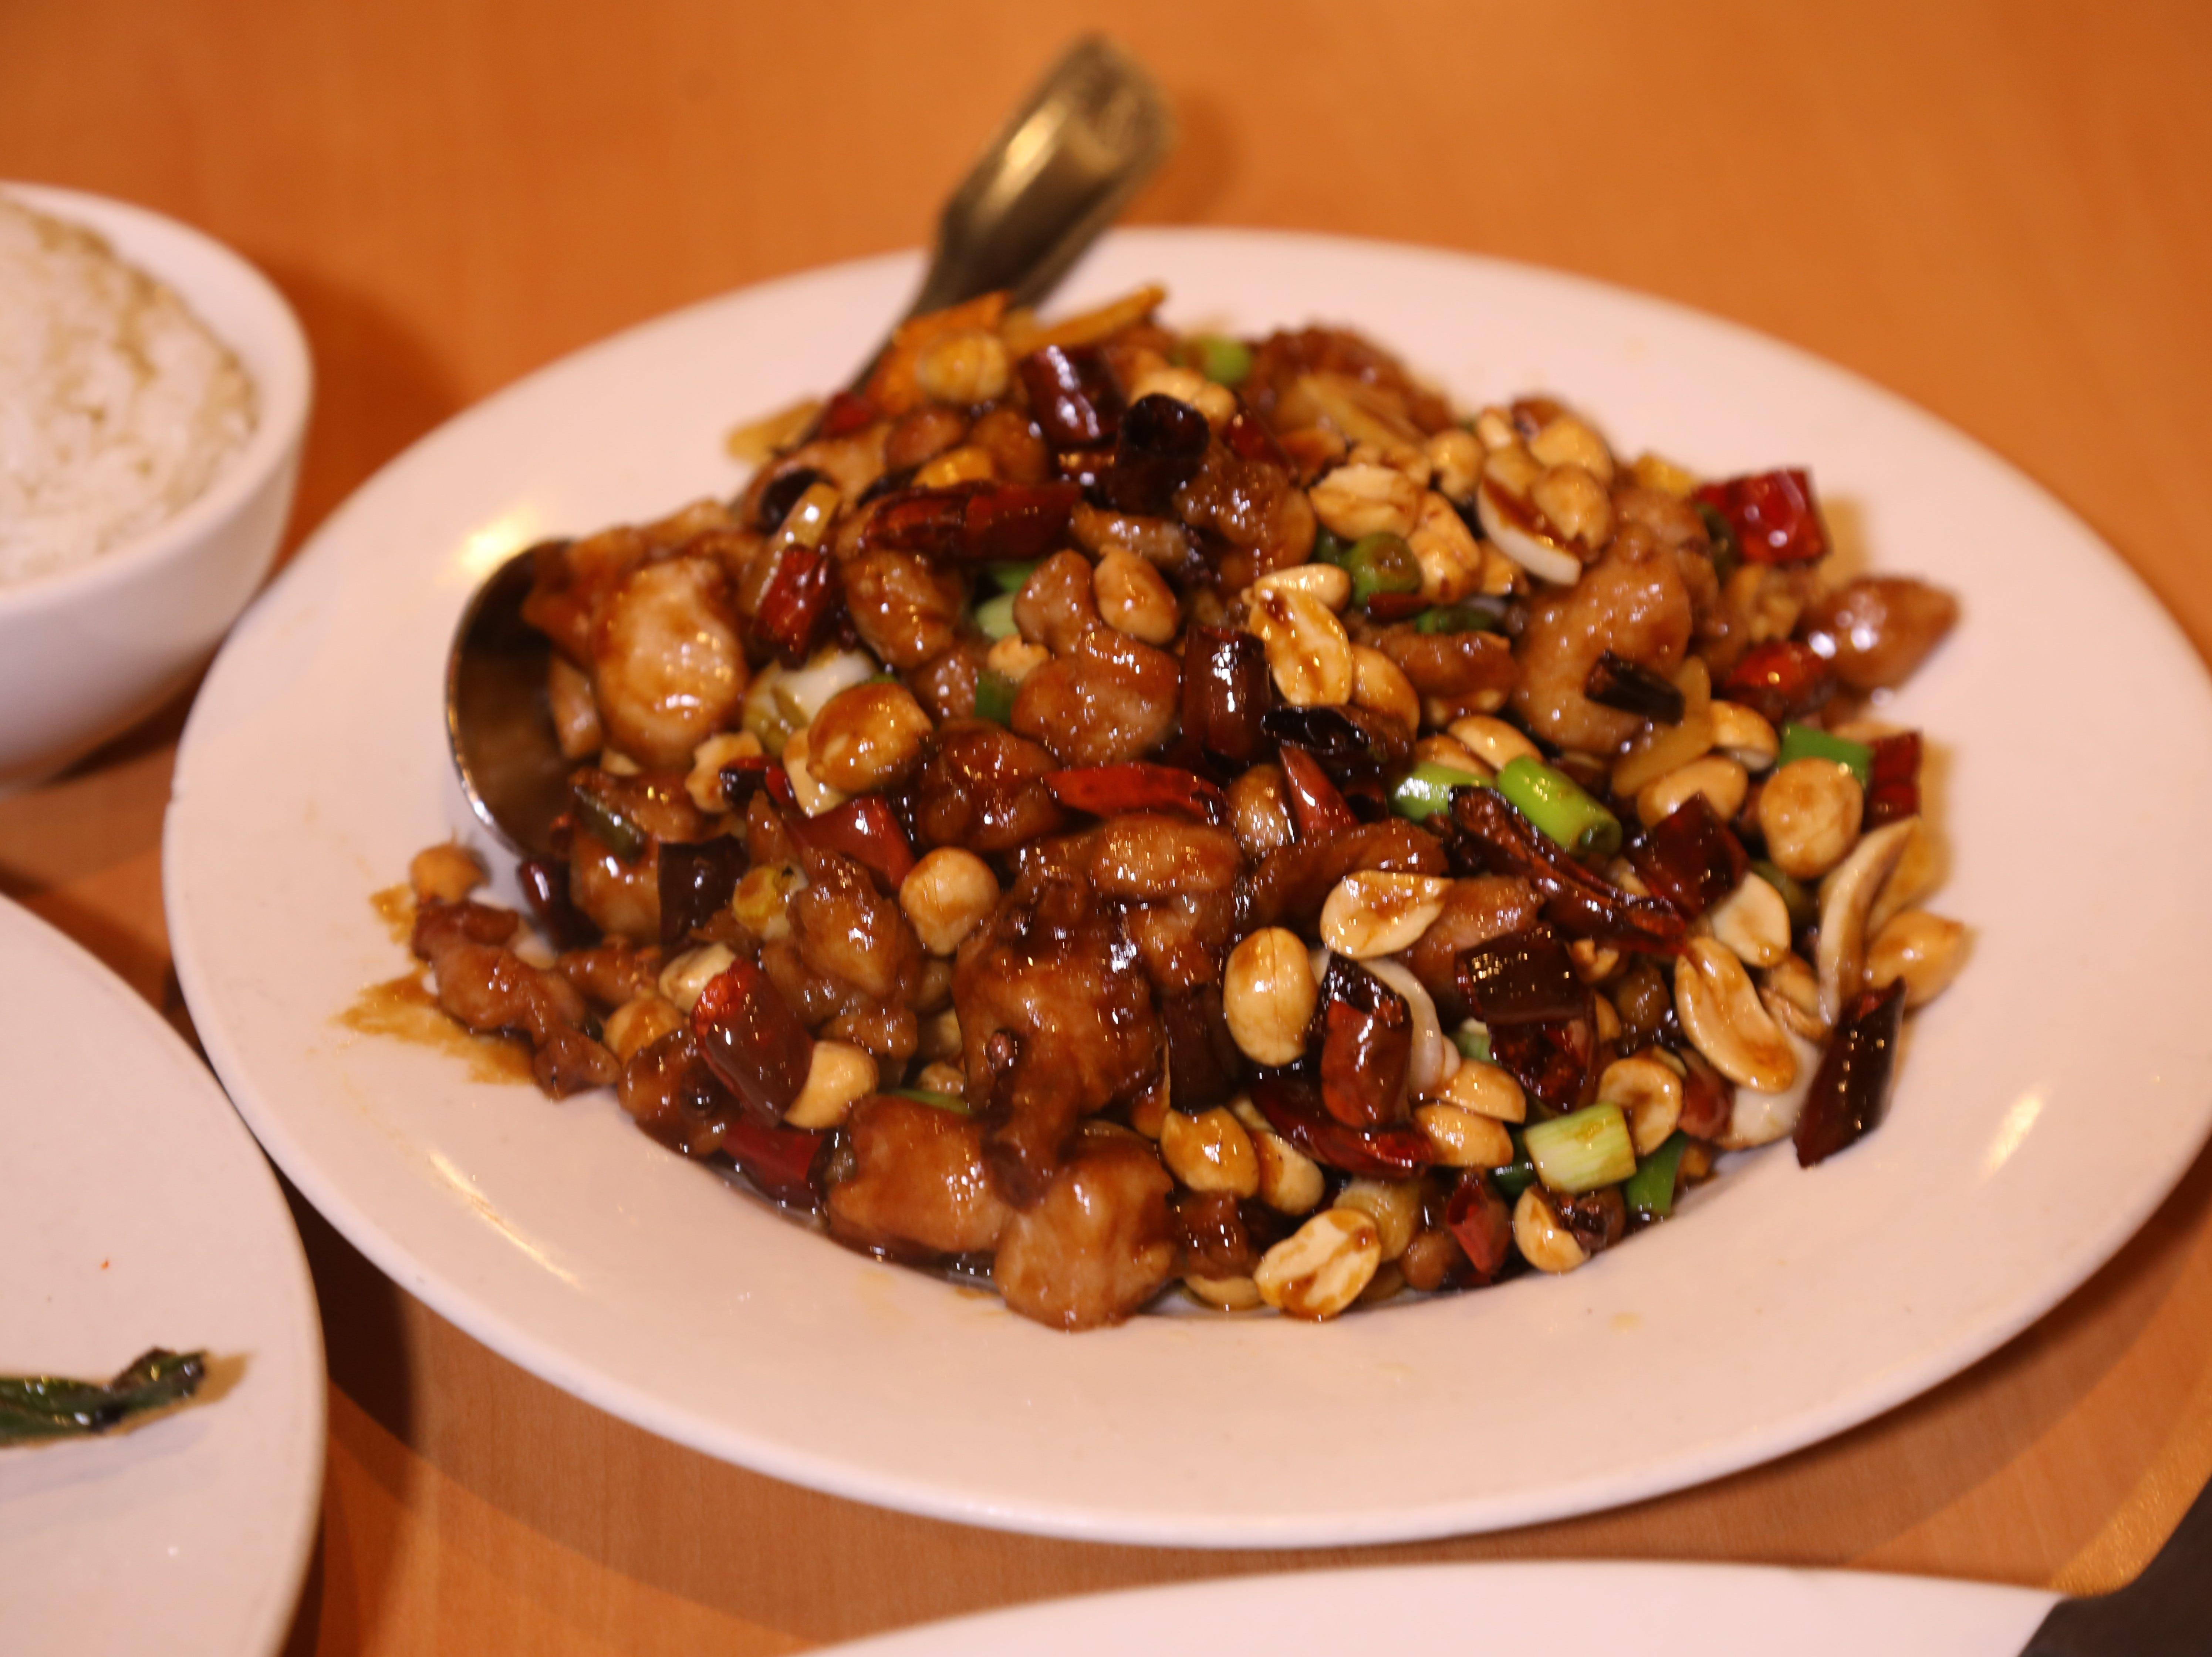 Kong Pao chicken at Cheng Du 23 in Wayne.